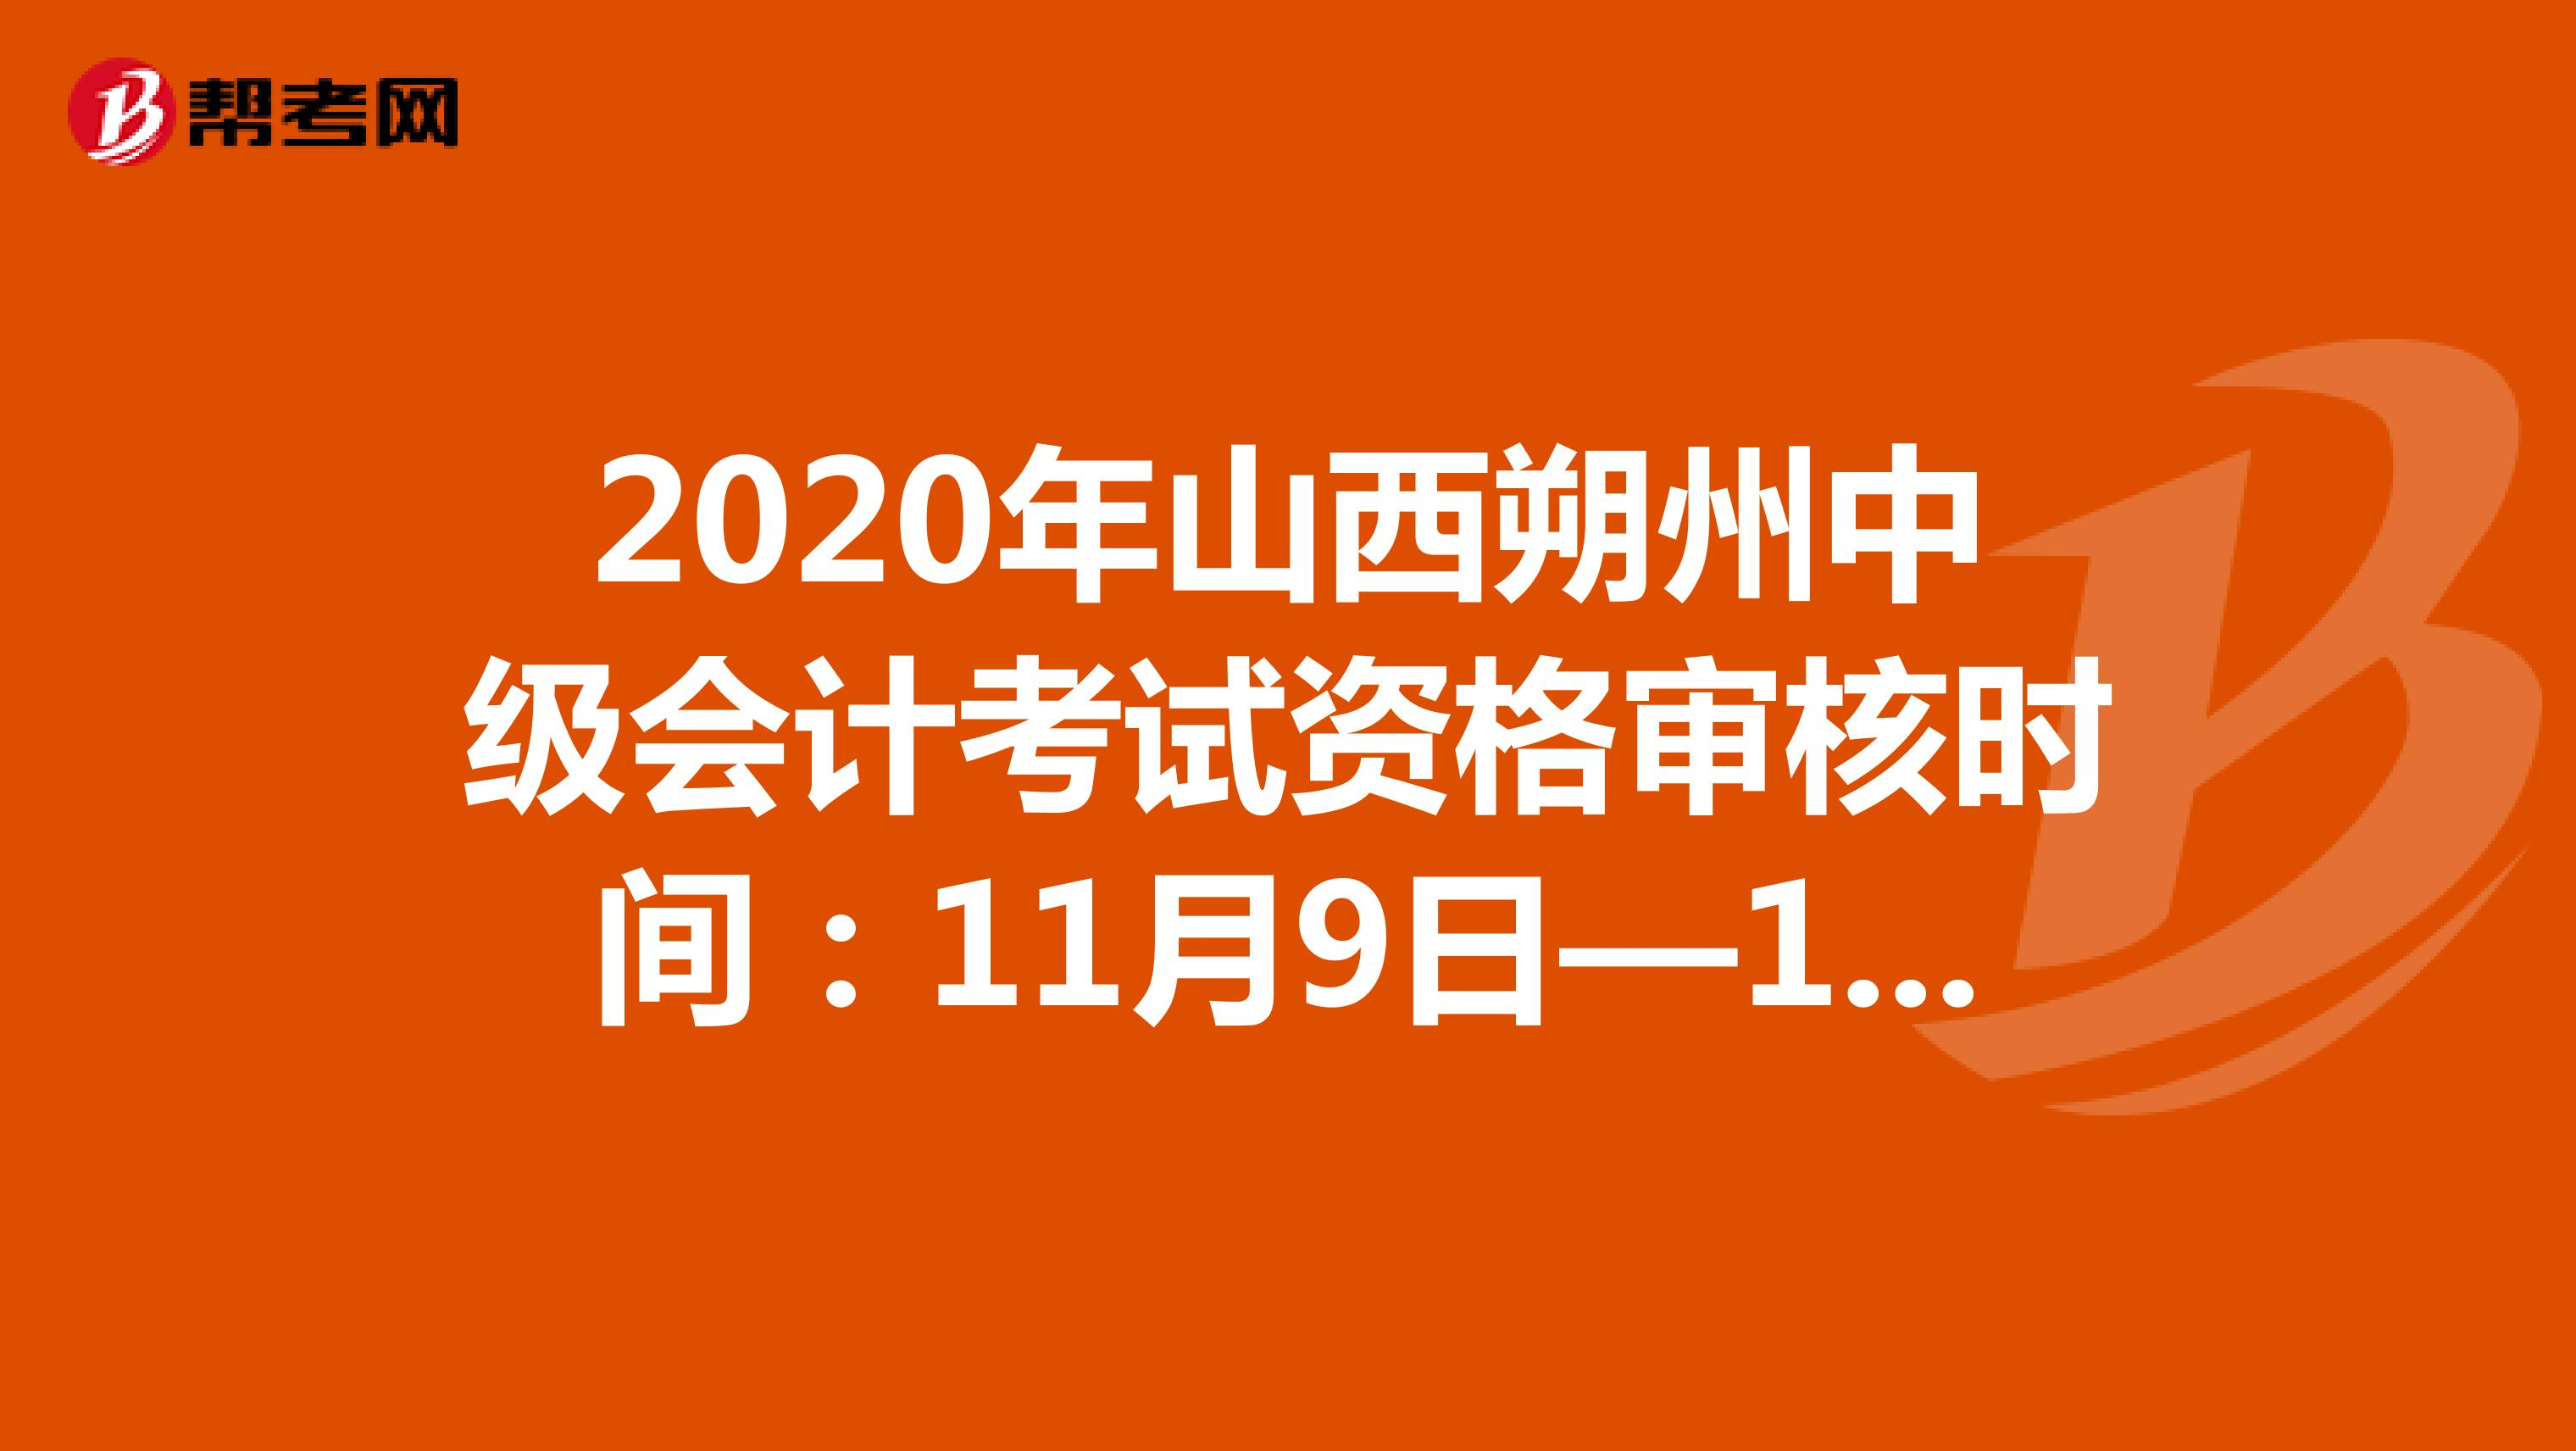 2020年山西朔州中级会计考试资格审核时间:11月9日—11月11日